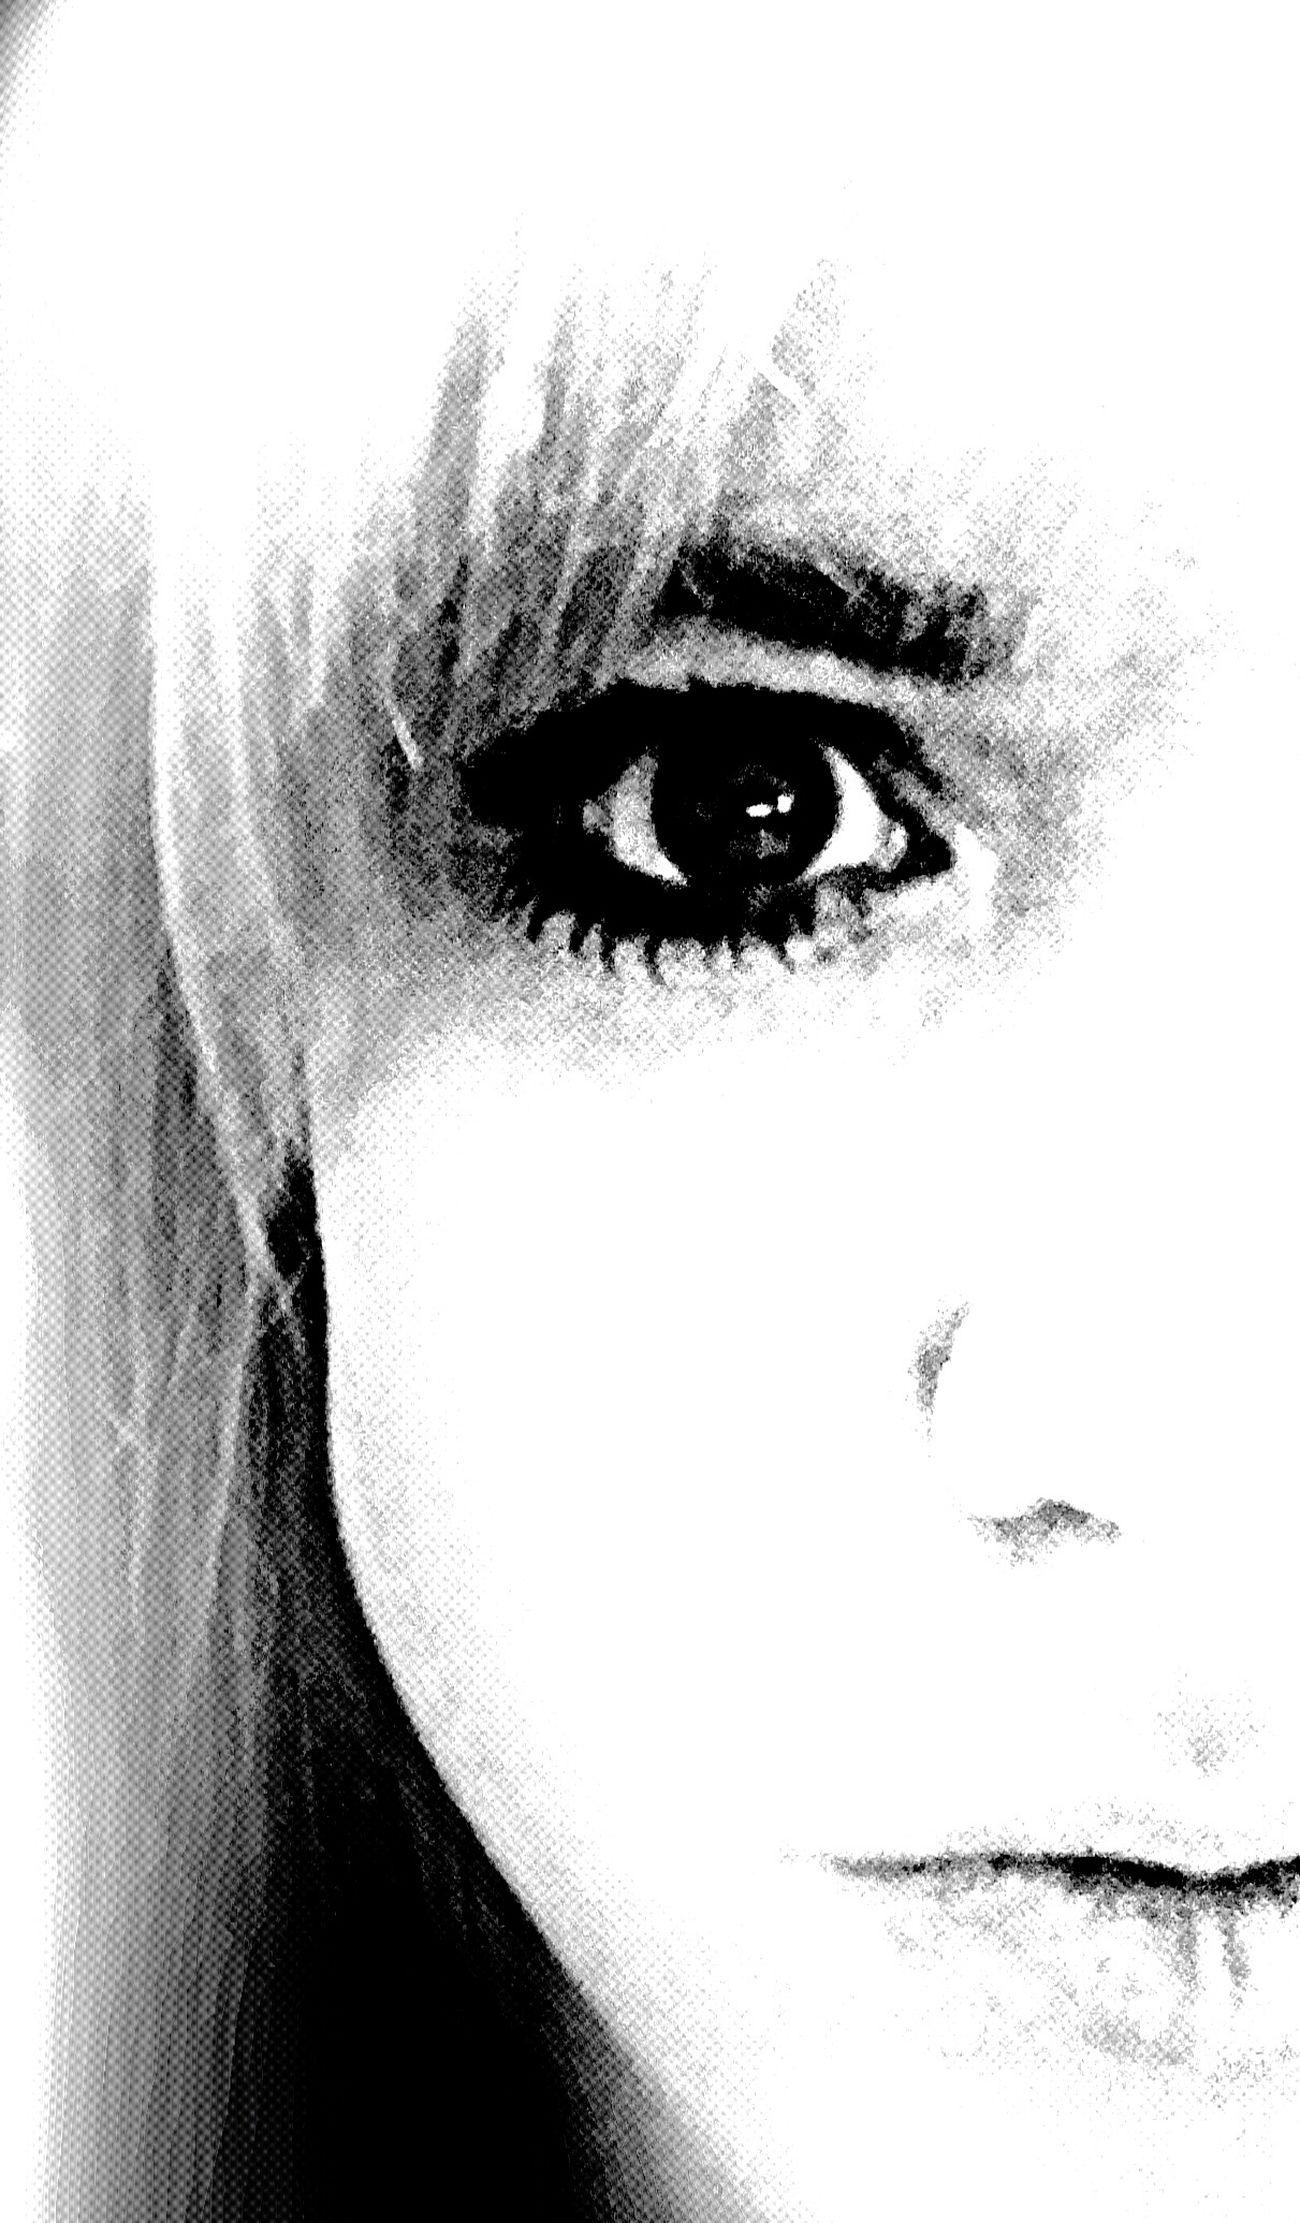 Bijou Selfpotrait Selfienation ILoveMyself Beautiful People Narcissism Gorgeous Beauty